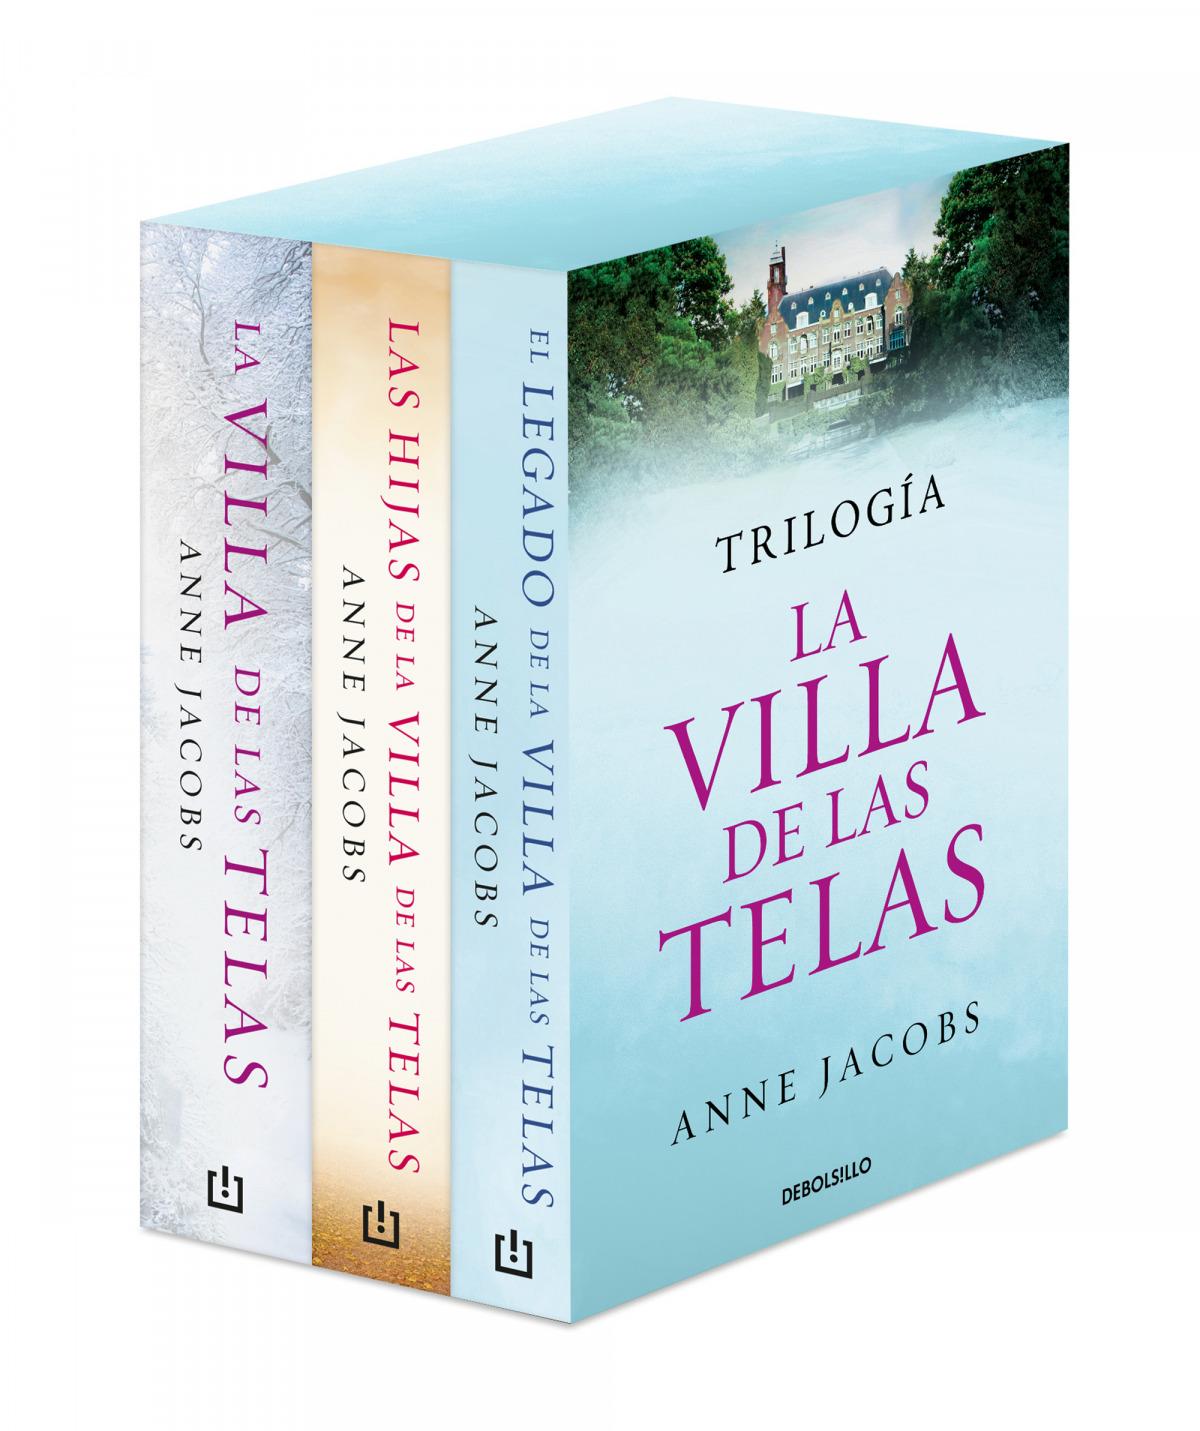 Trilog¡a La villa de las telas (edición pack) 9788466353830